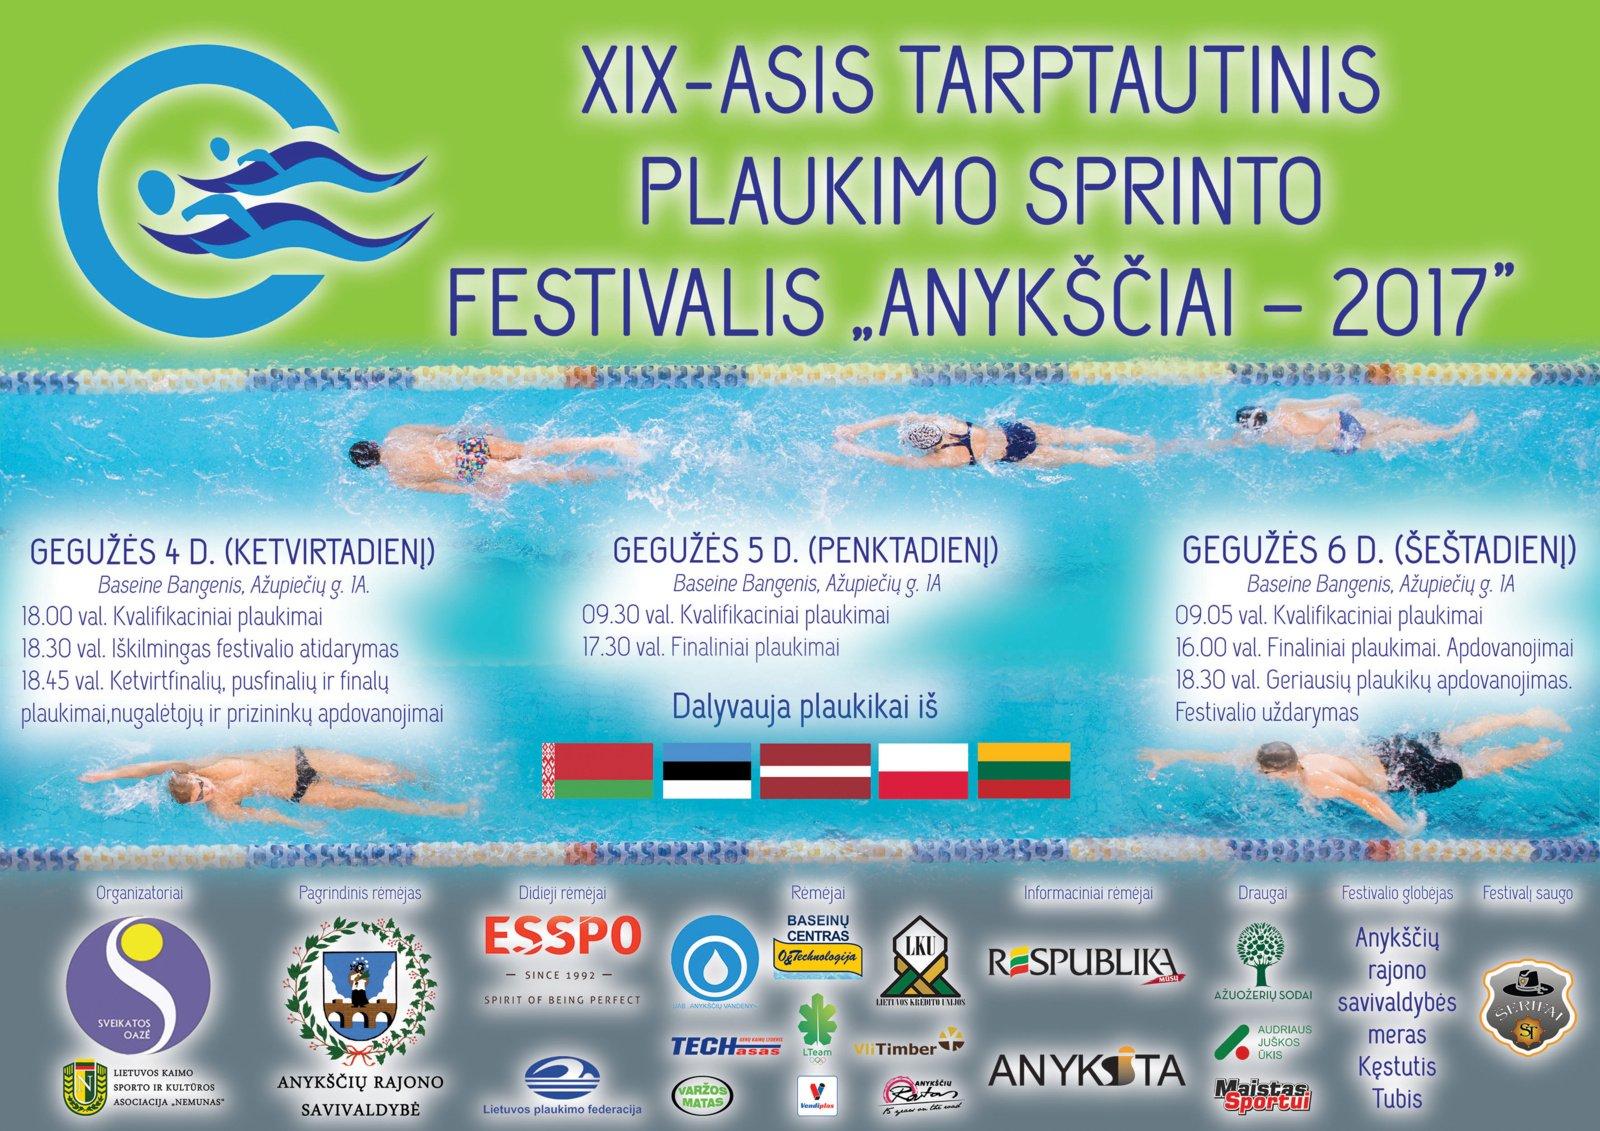 """Tarptautinis plaukimo sprinto festivalis """"Anykščiai - 2017"""""""